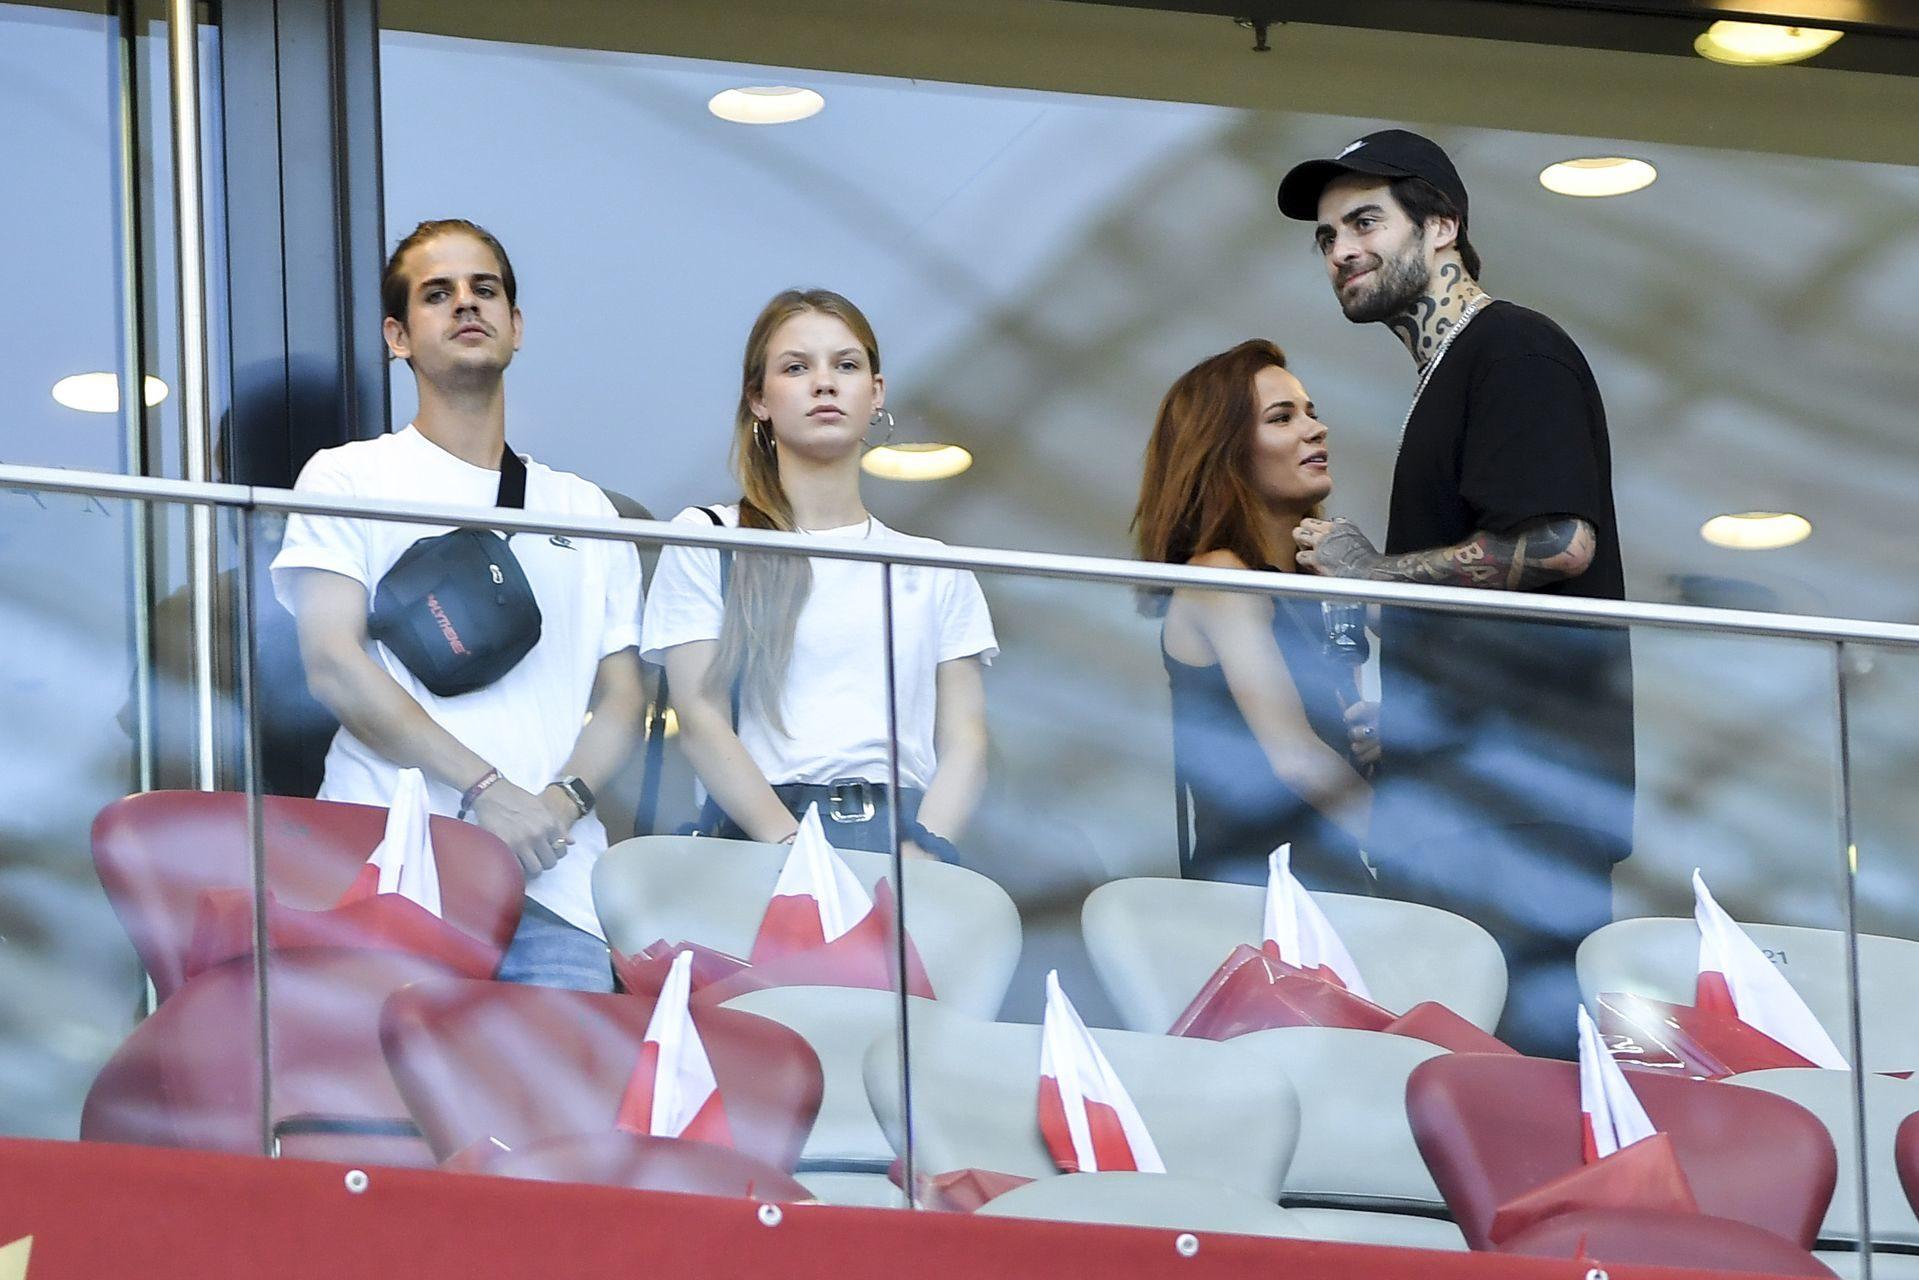 Taco Hemingway z Igą Lis i Quebonafide z Natalią Szroeder na stadionie.